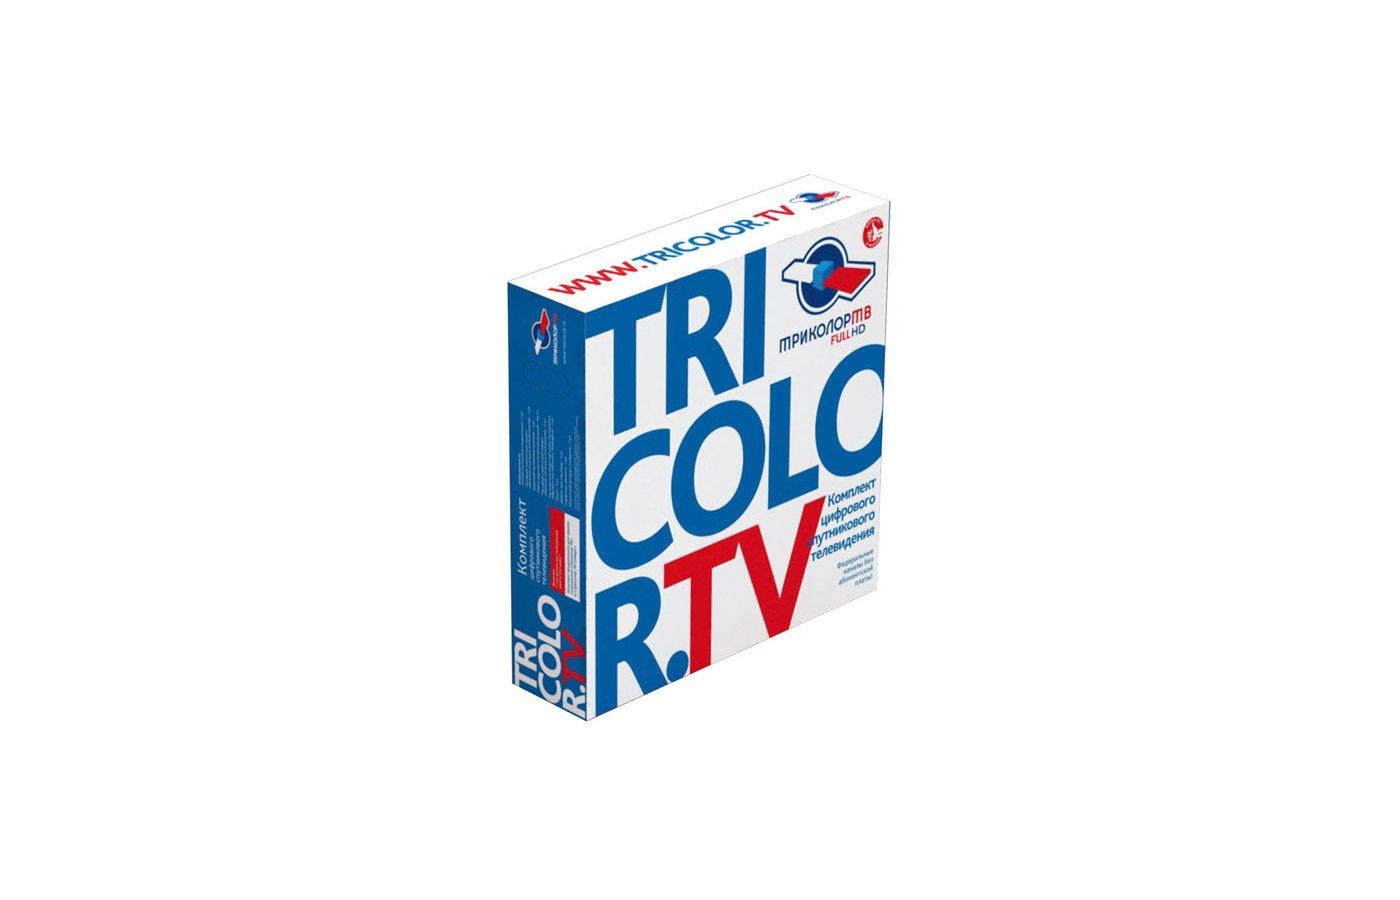 Спутниковое ТВ Триколор Европа GS E501 + GS C591 + планшет комплект на 2 ТВ)